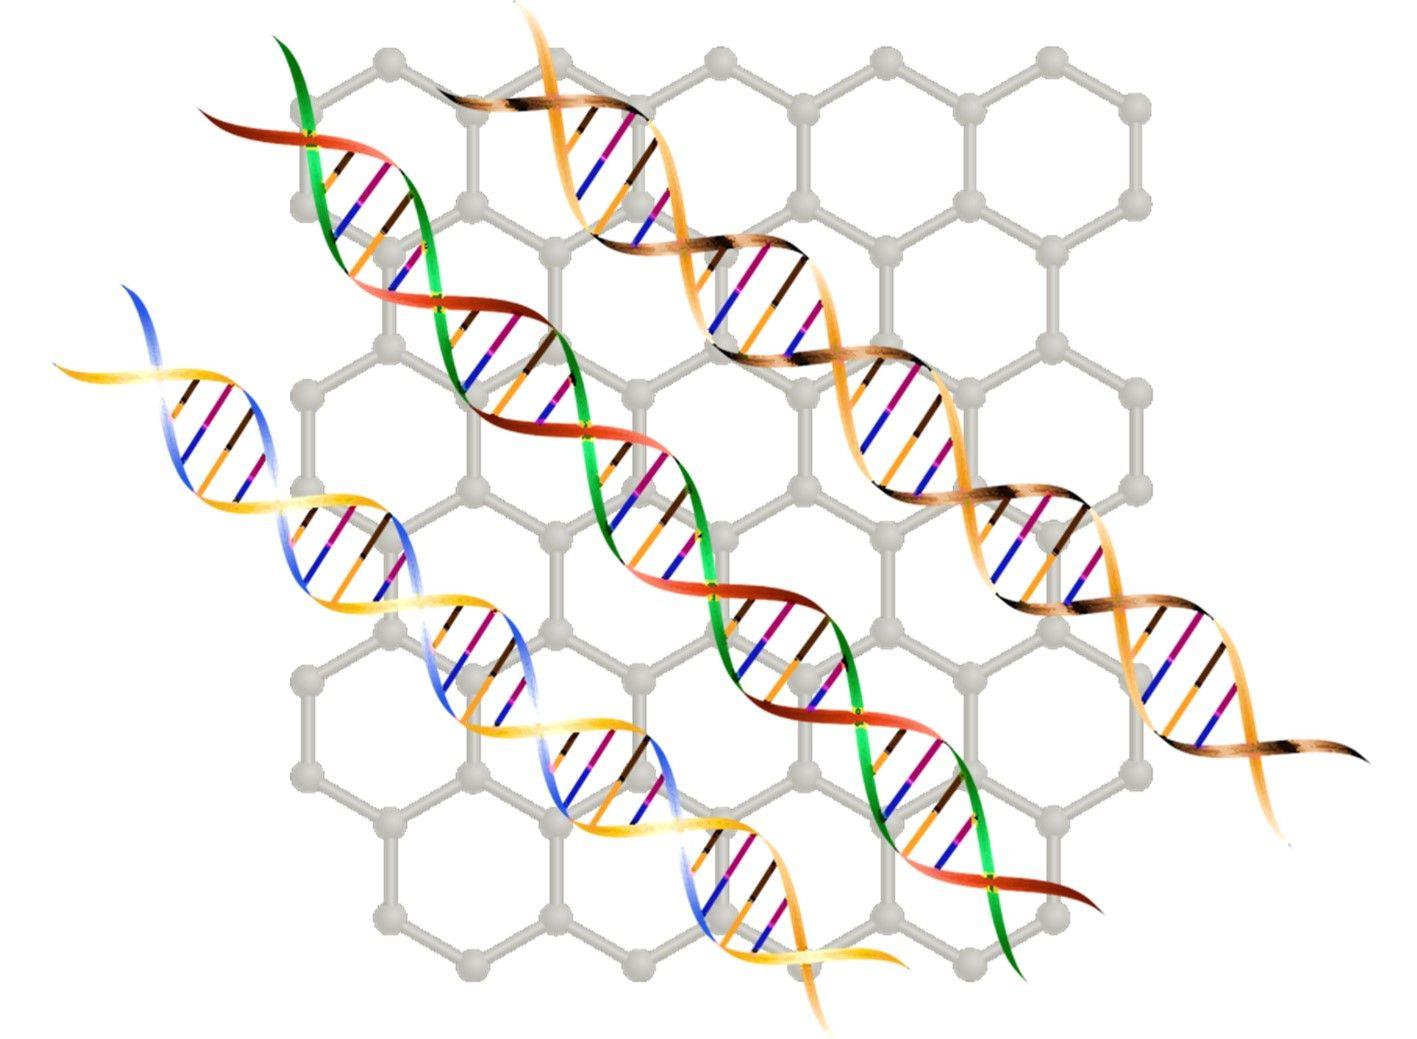 El grafeno llega a la genotipación del ADN. Imagen derivada de Pixabay.